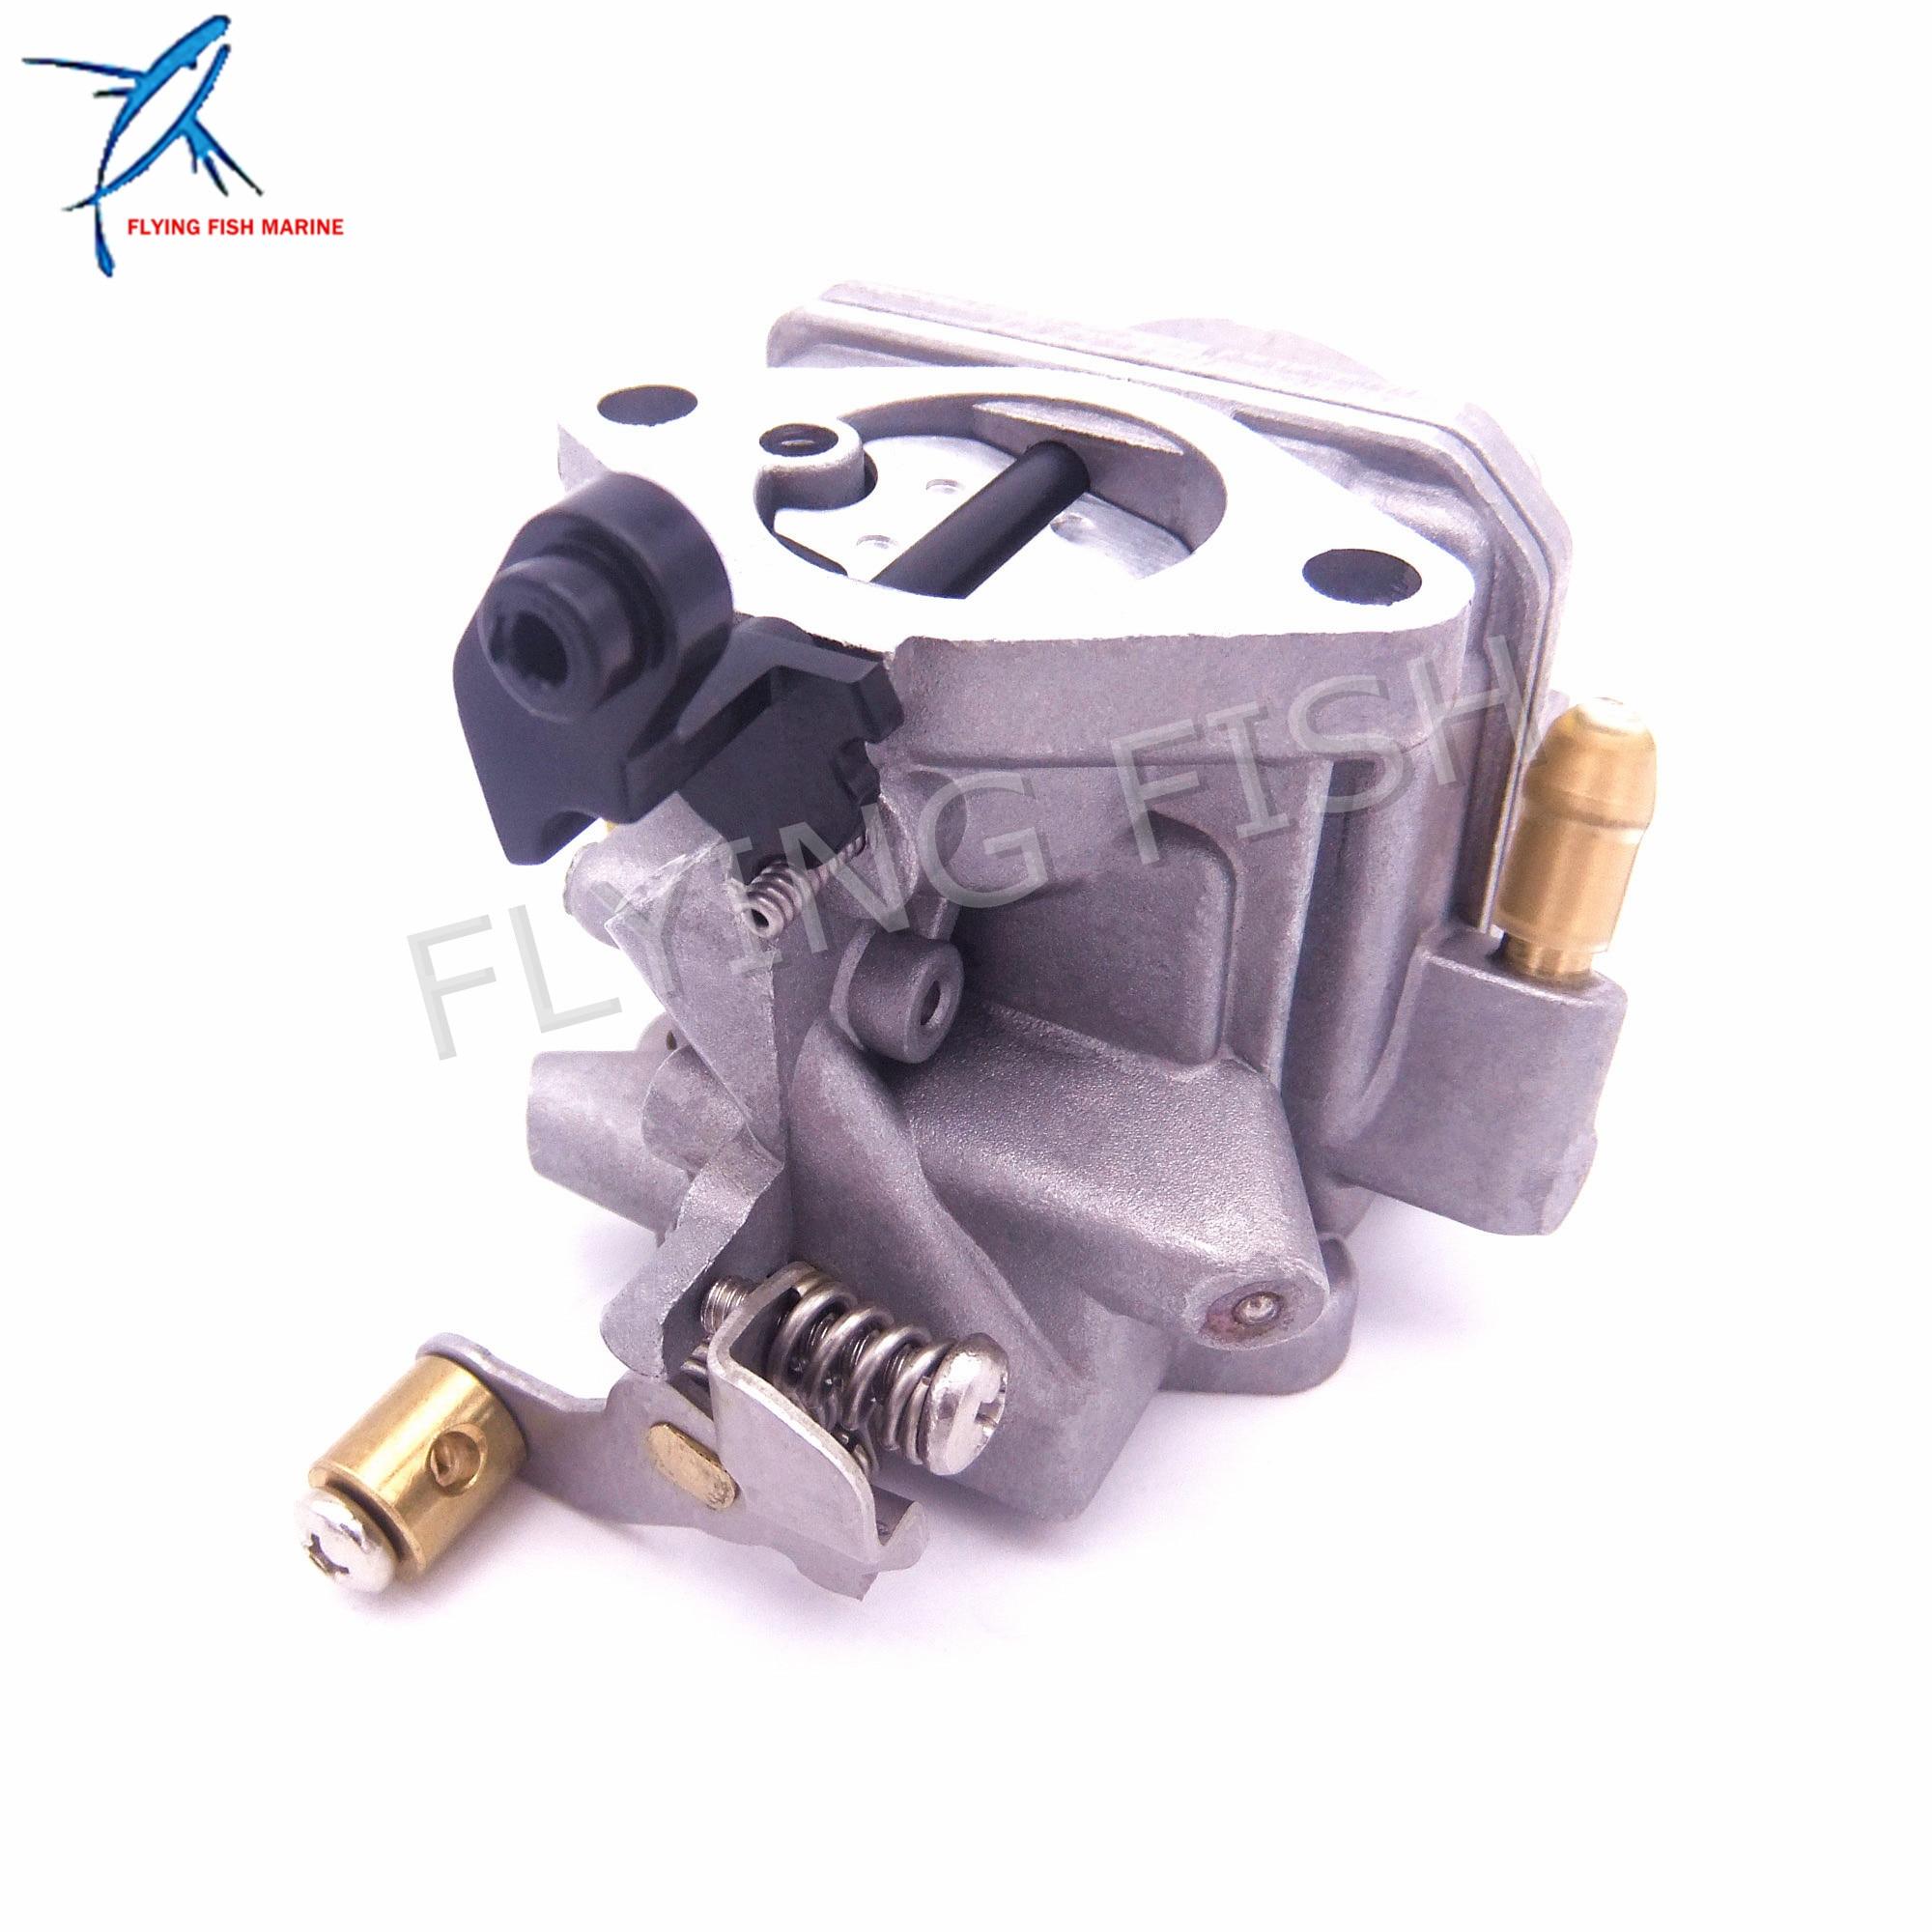 Carburateur de moteur de bateau Assy 6BX-14301-10 6BX-14301-11 6BX-14301-00 pour moteur hors-bord Yamaha 4 temps F6